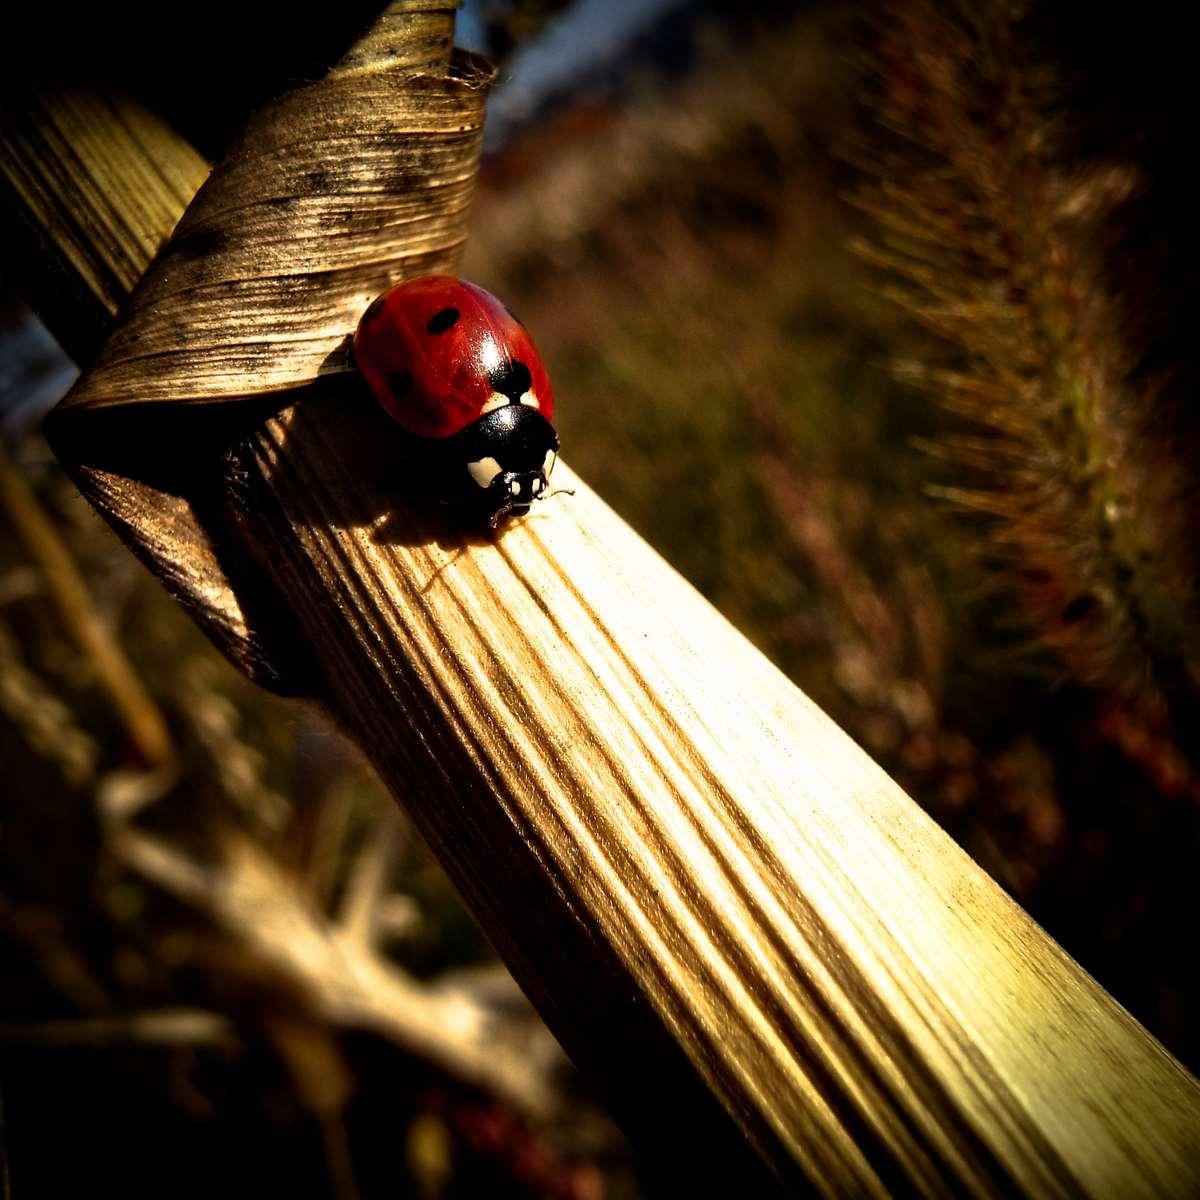 Ladybug enjoy